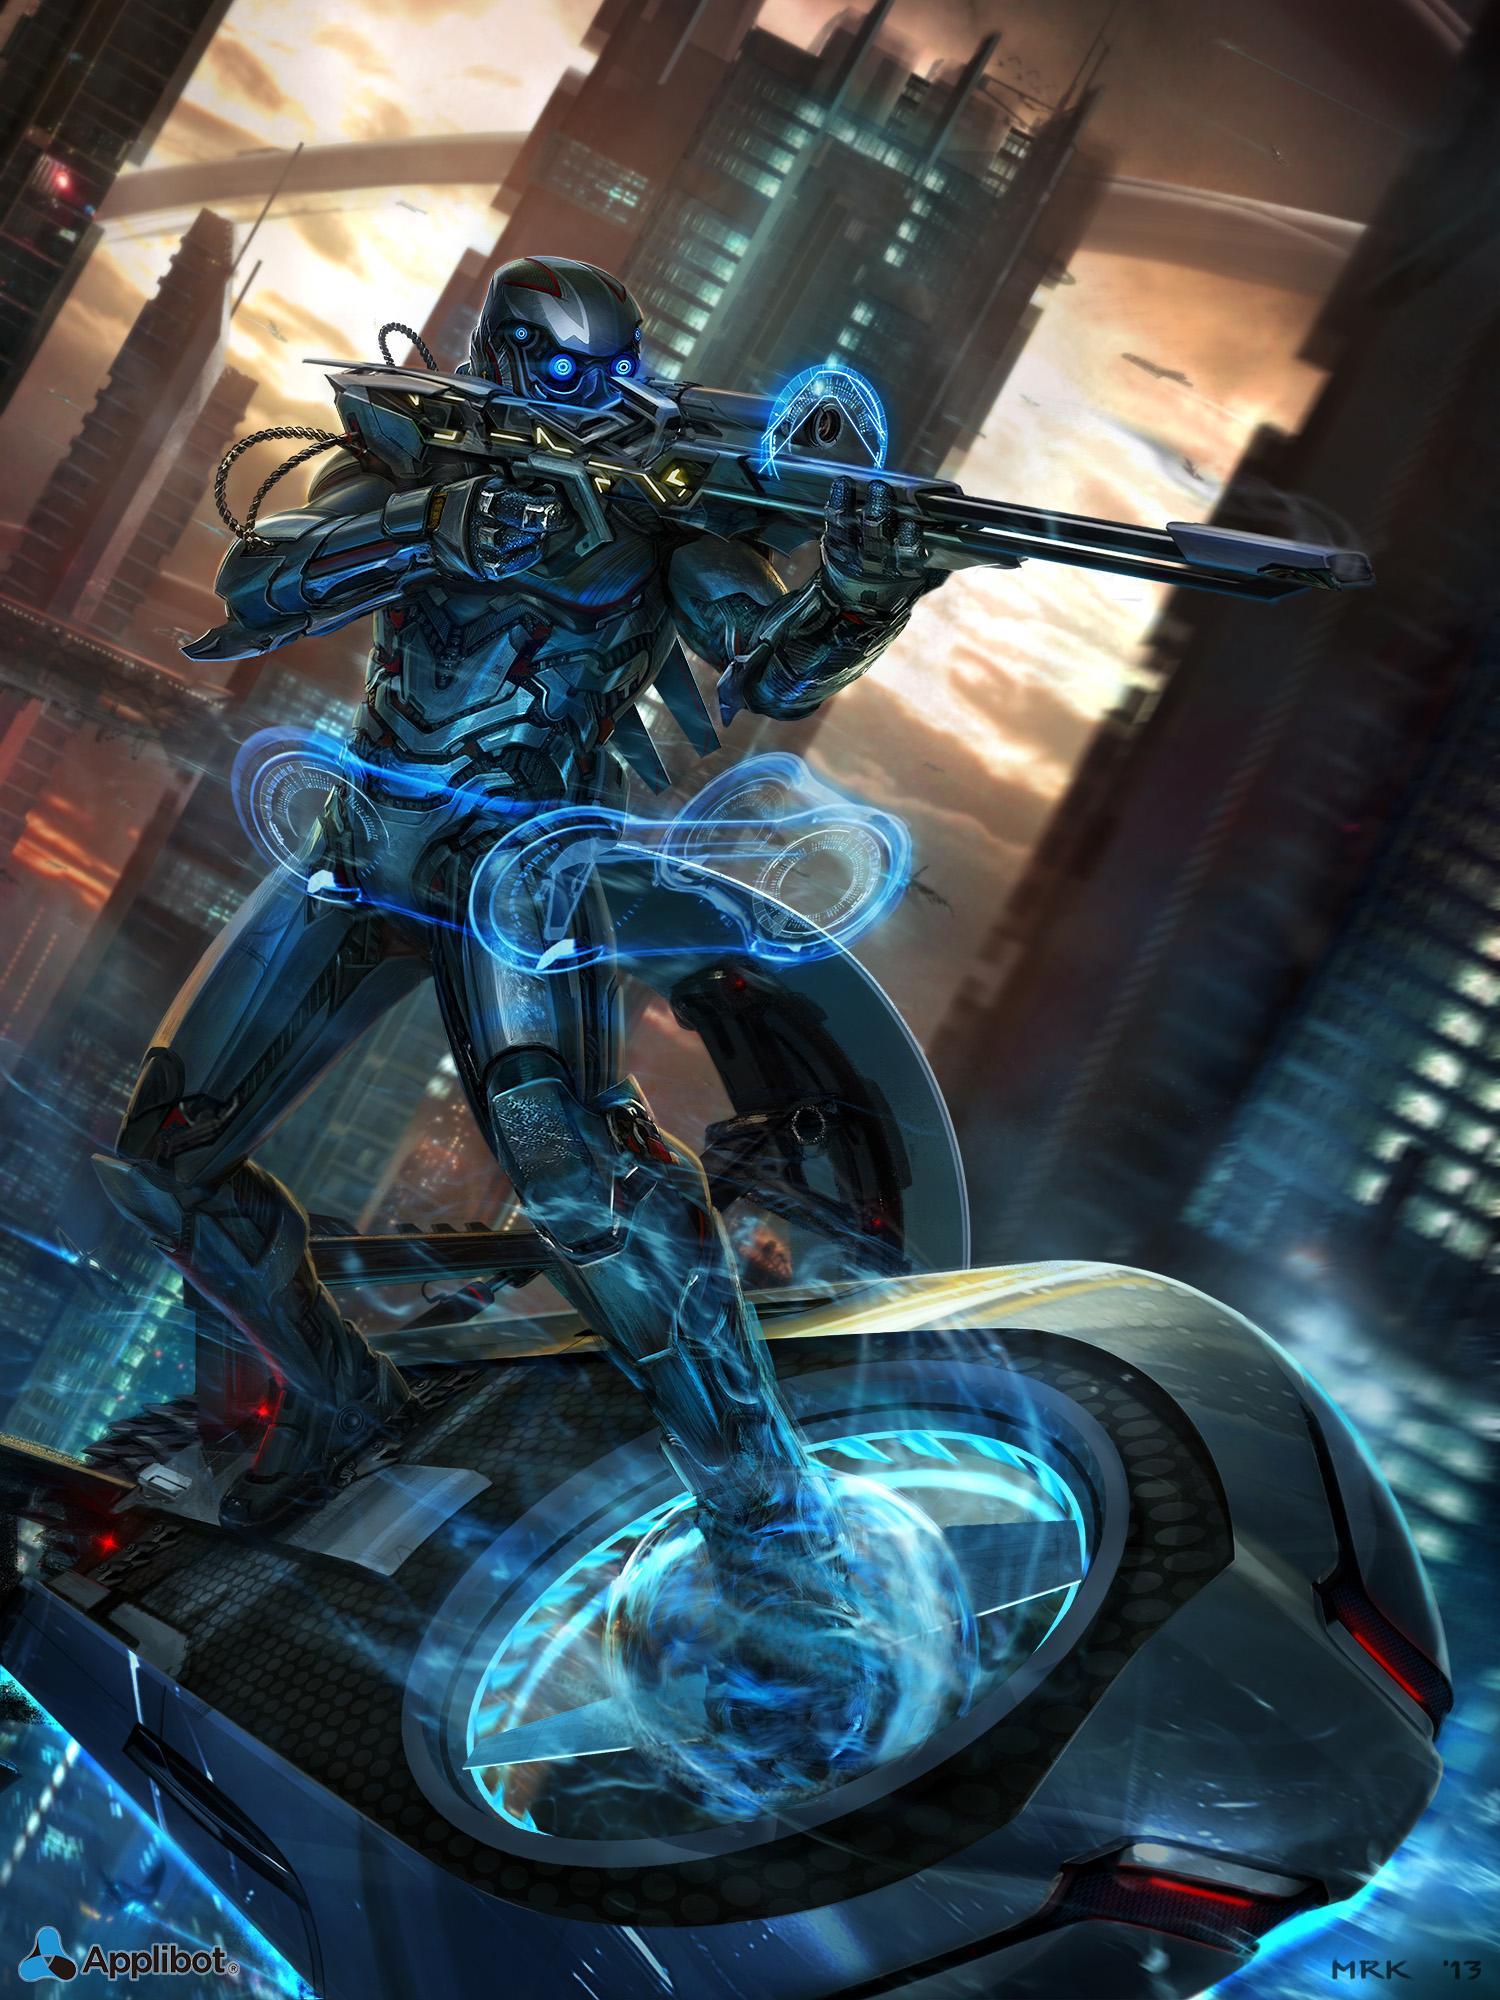 Drawn snipers space By @deviantART  MRK deviantart